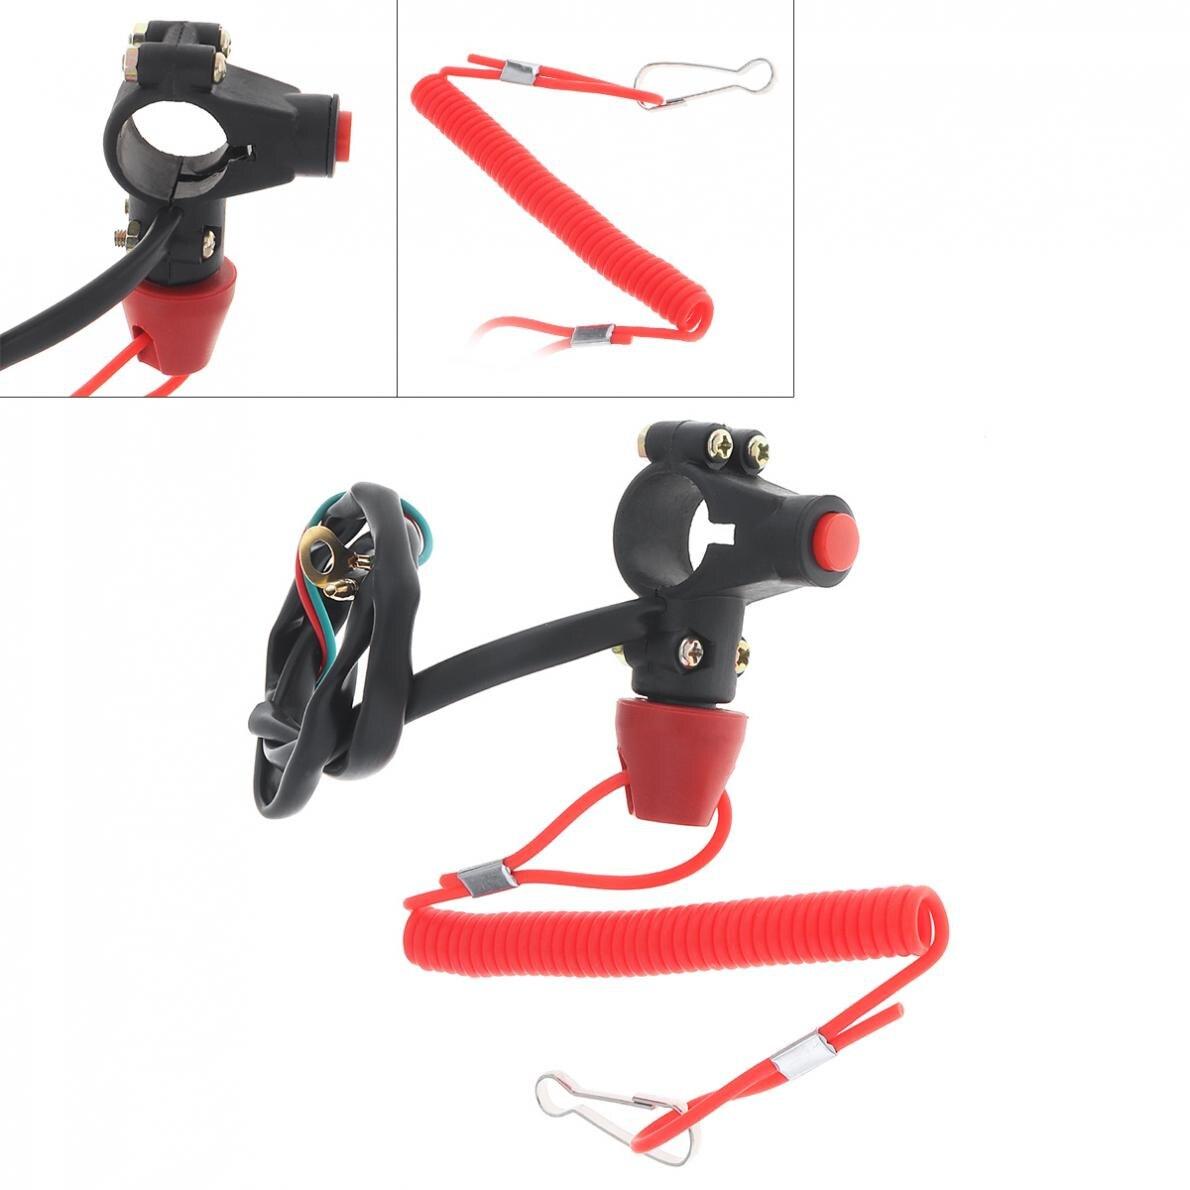 plastico universal 22mm motocicleta de emergencia energia fora dupla flameout trainer interruptor para ligacao atv 49